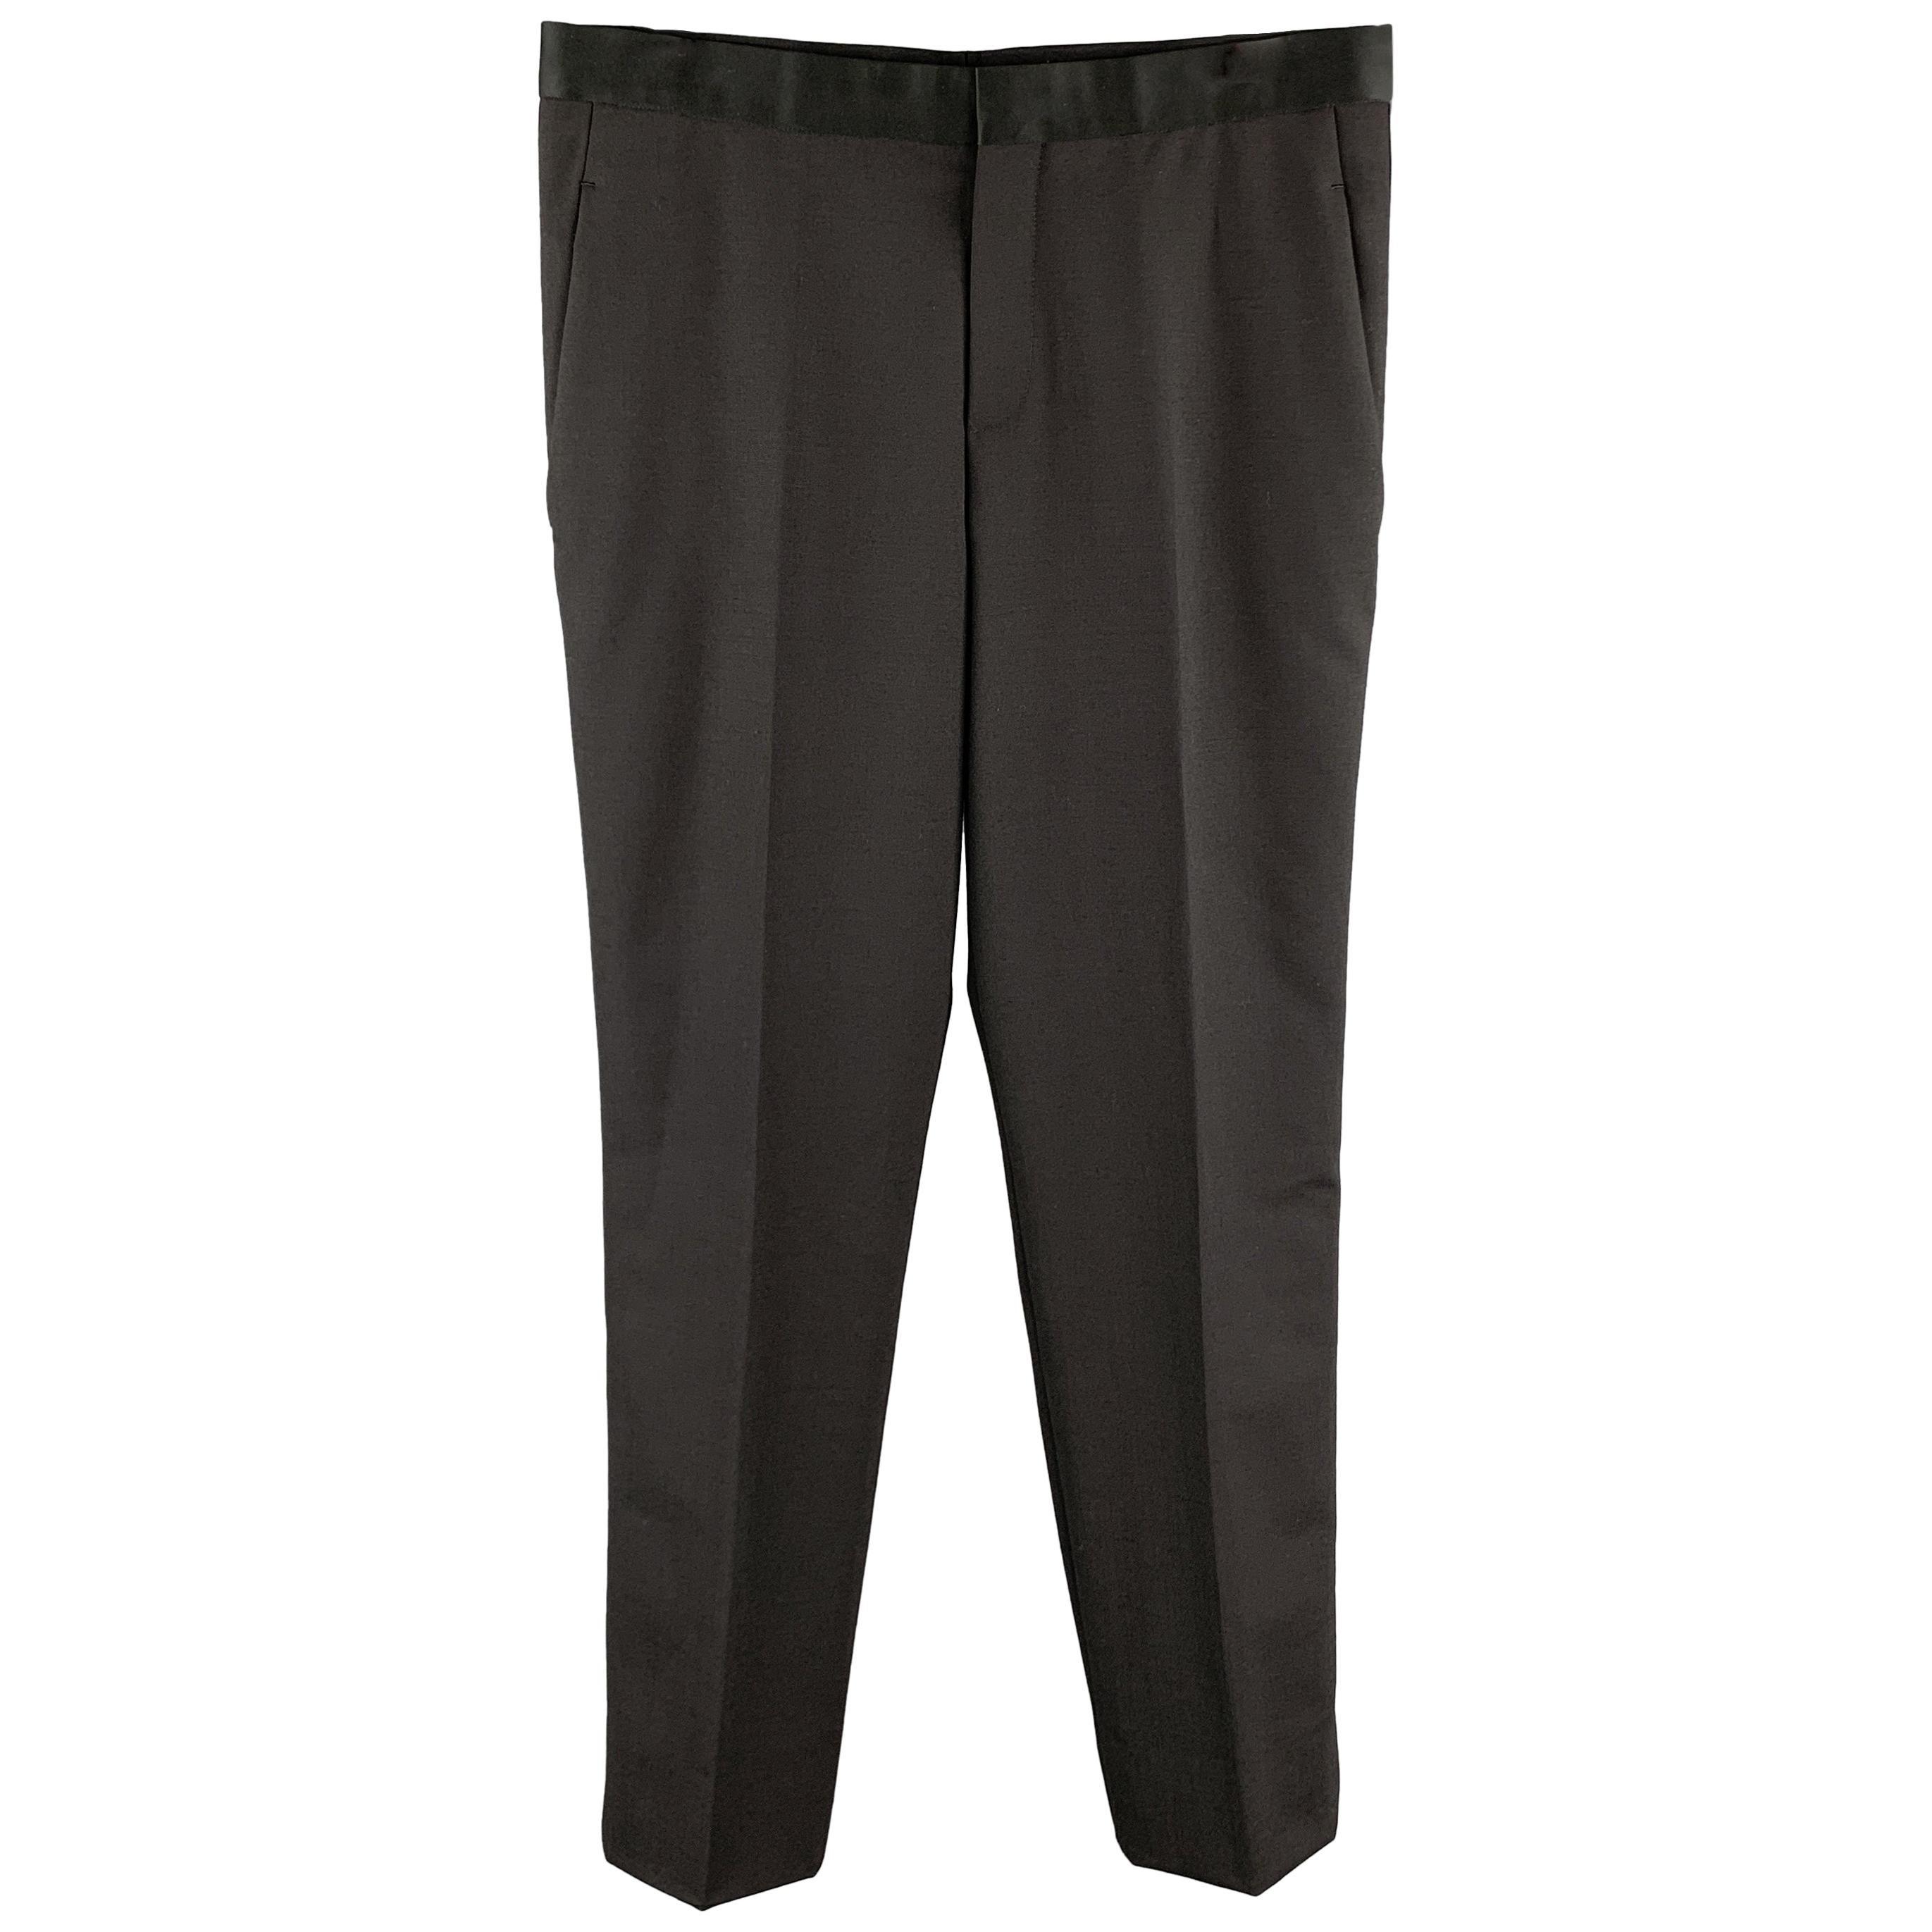 NEIL BARRETT F/W 17 Size 32 Black Solid Wool Blend Tuxedo Dress Pants